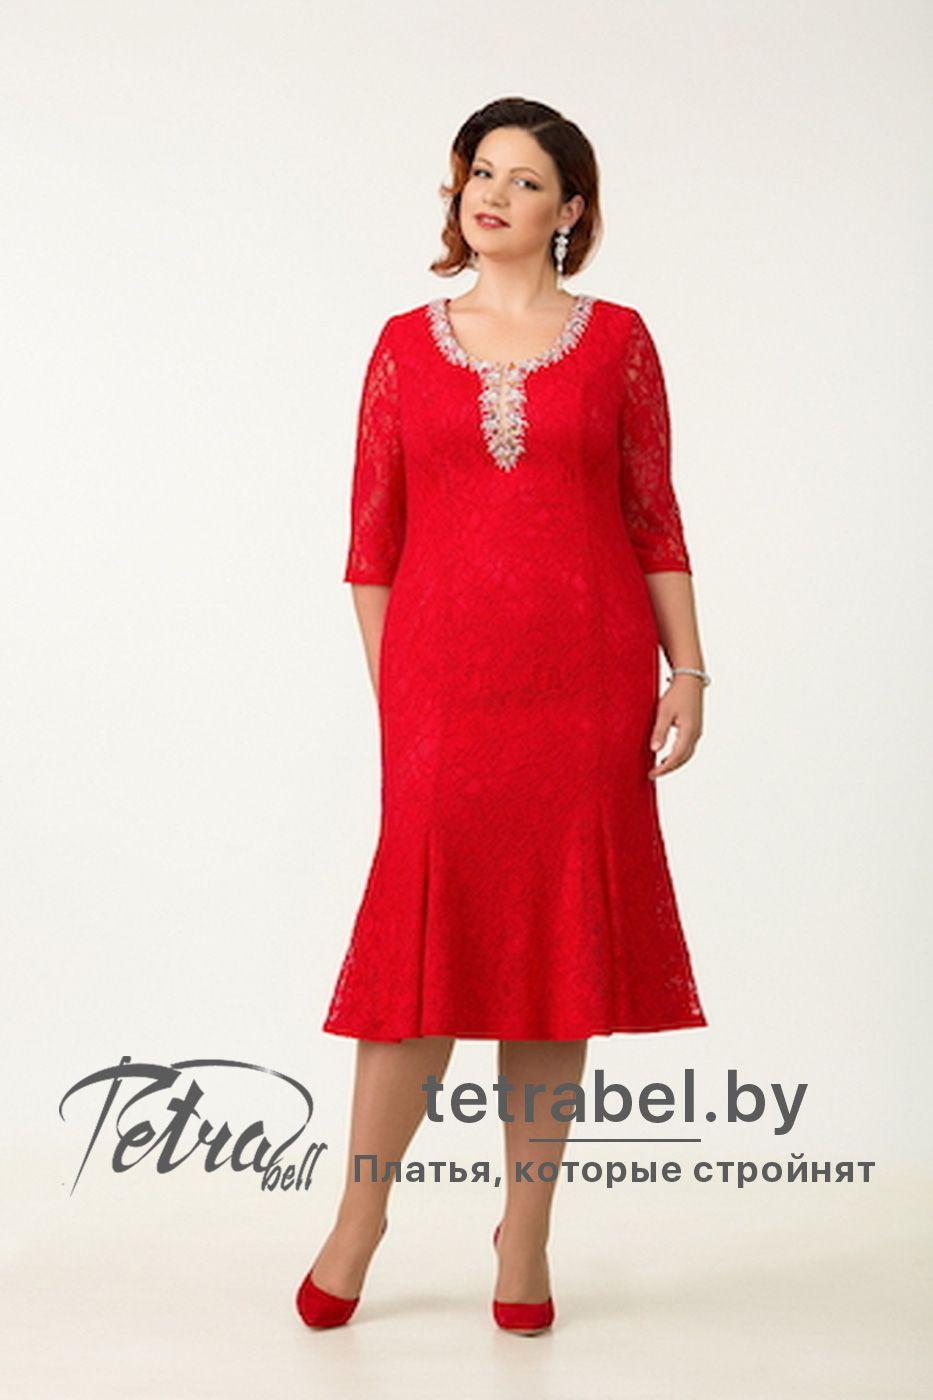 5fda5cb0f87 Изящное красное нарядное платье. Вечерние платья больших размеров от  tetrabel.by. Вечерние платья